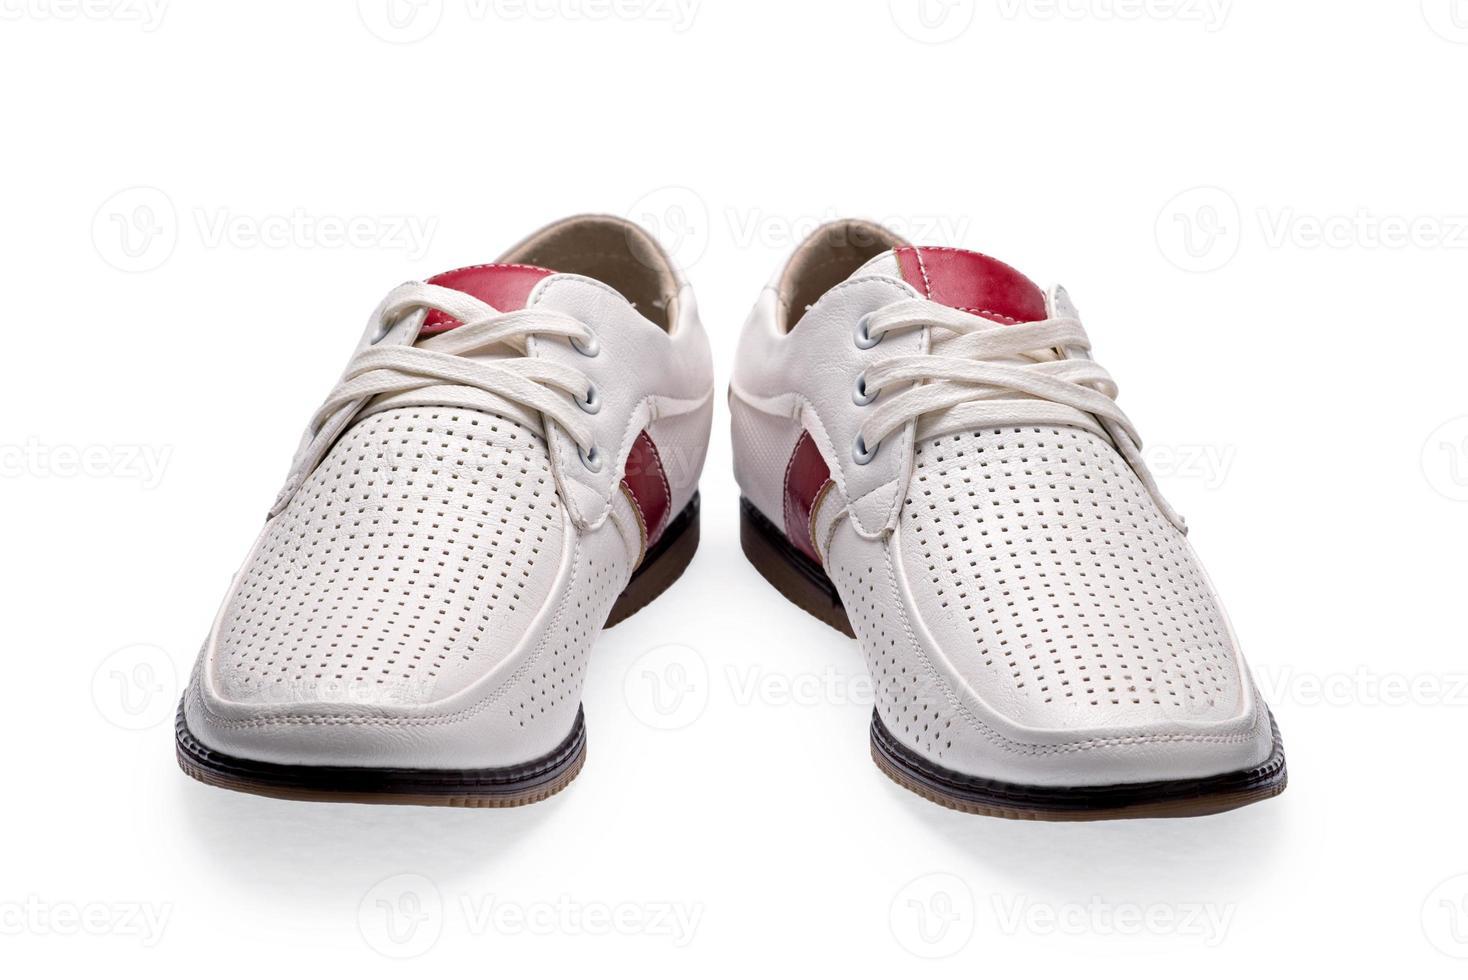 chaussures en cuir élégantes blanches d'été pour hommes photo